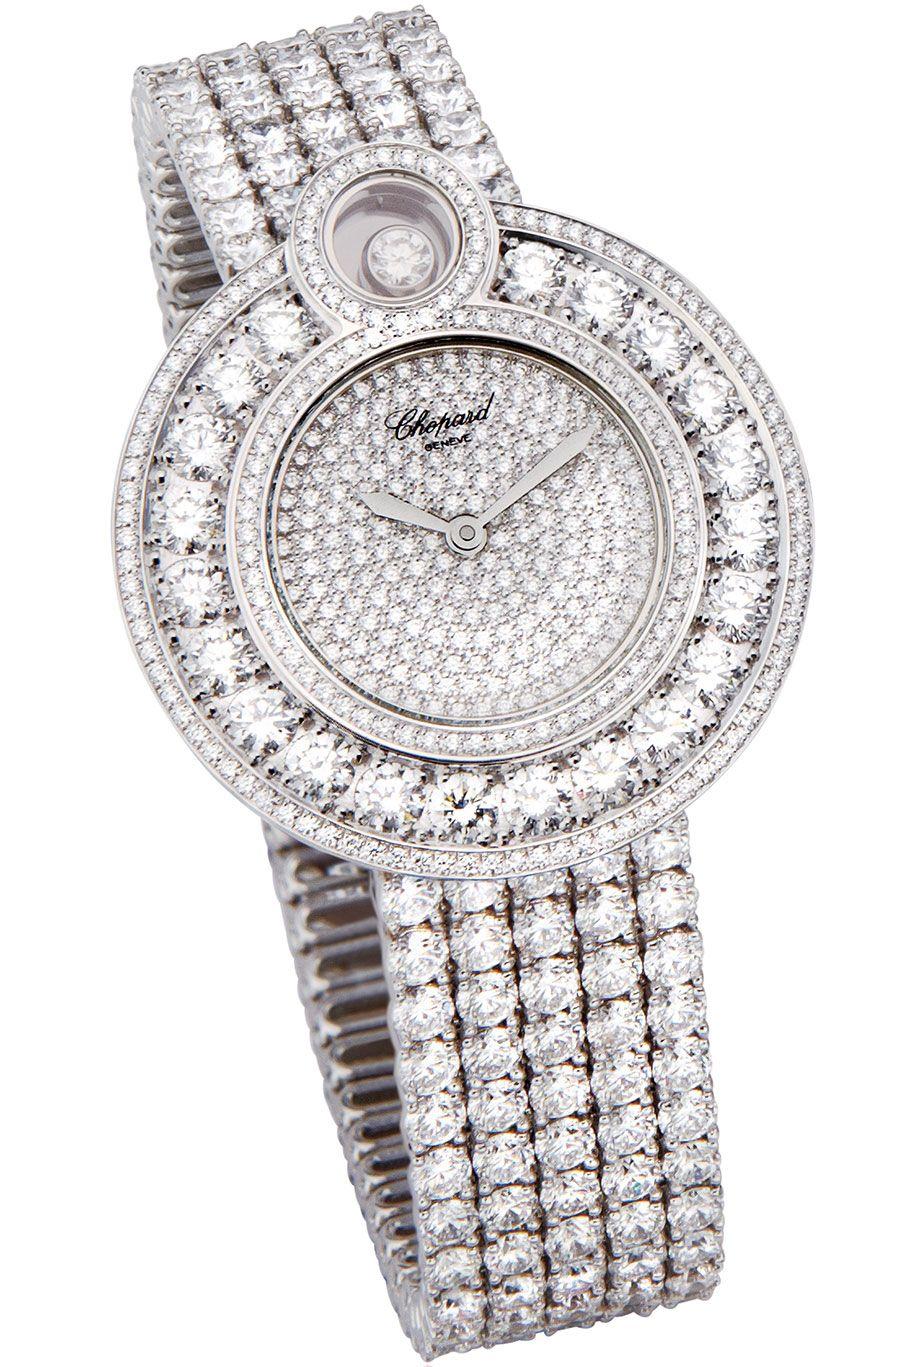 Mujer - Reloj - Chopard - El Palacio de Hierro - El Libro Amarillo  Otoño Invierno 8f086f9deadd